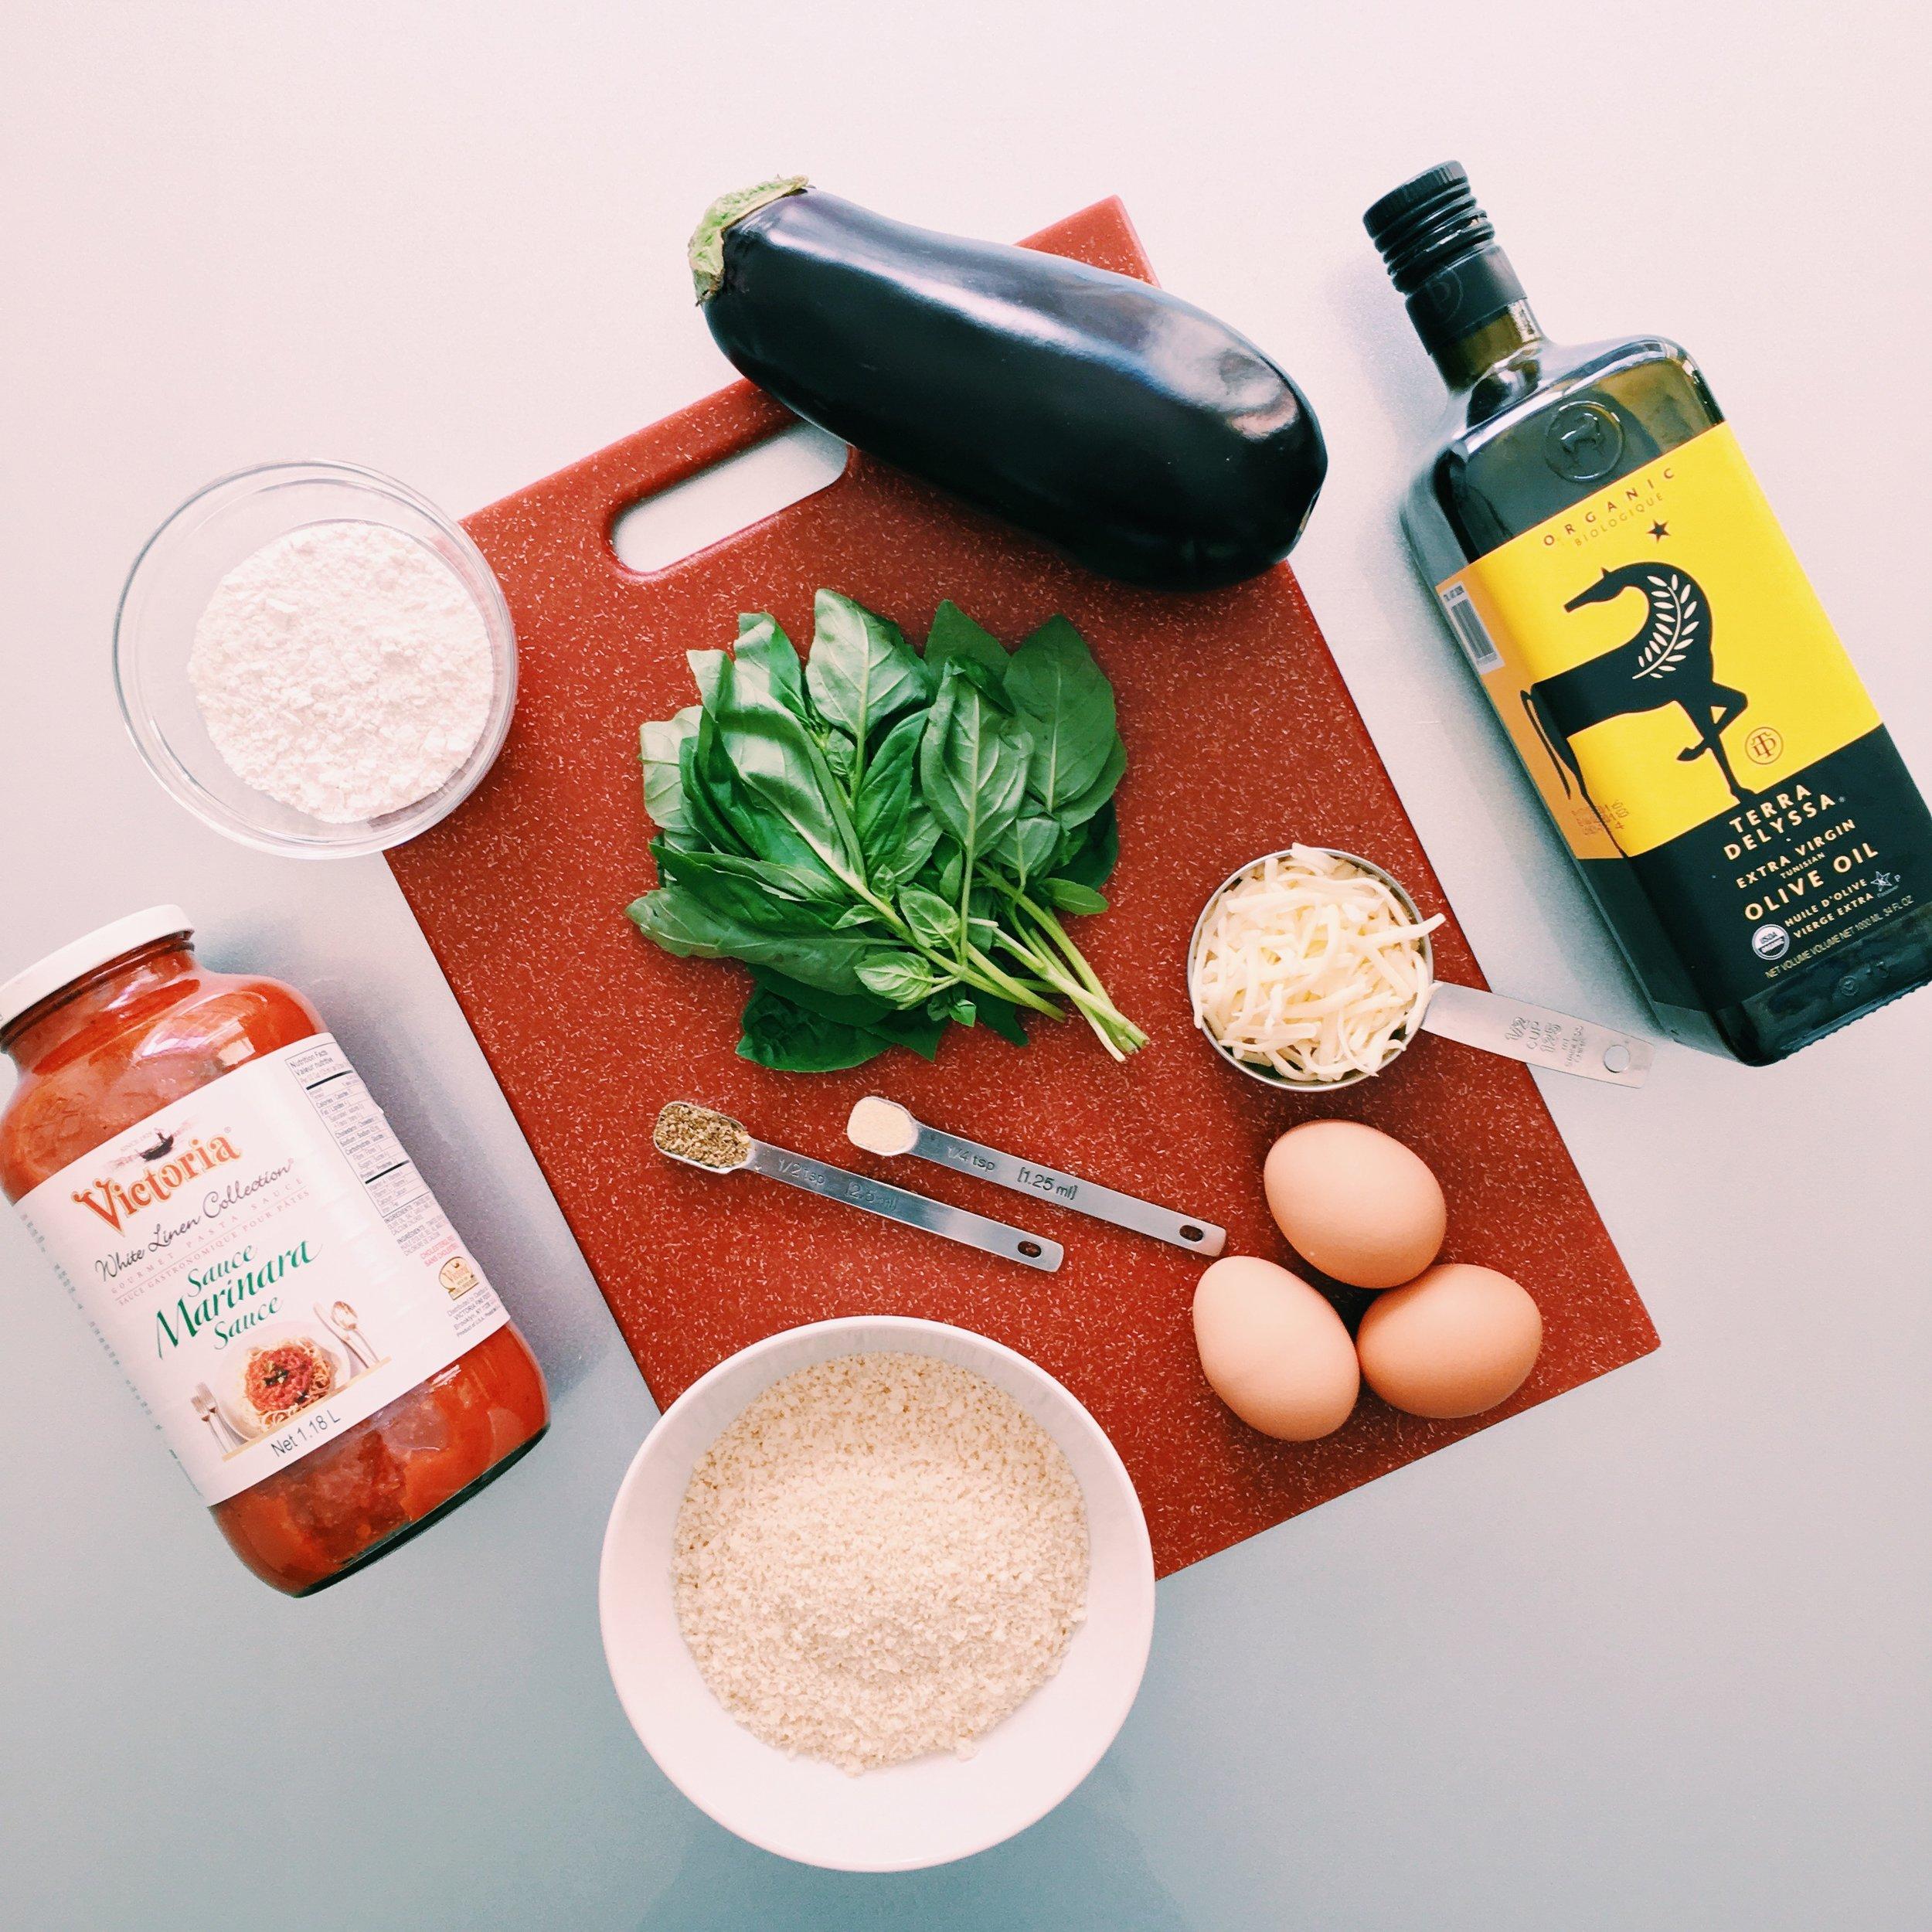 Eggplant Mozzarella ingredients